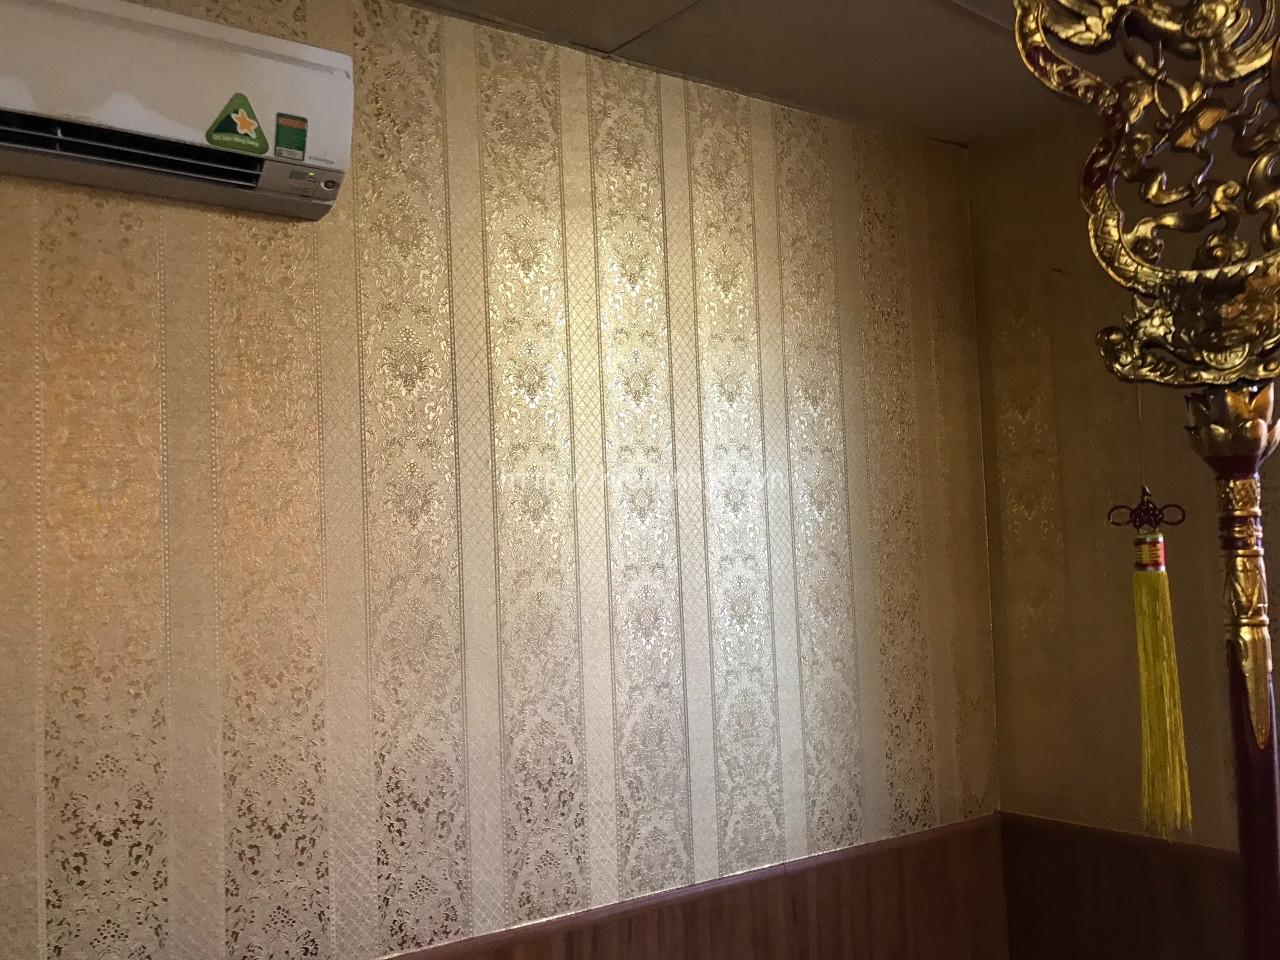 Thi công giấy dán tường phòng thờ tại Hà Nội